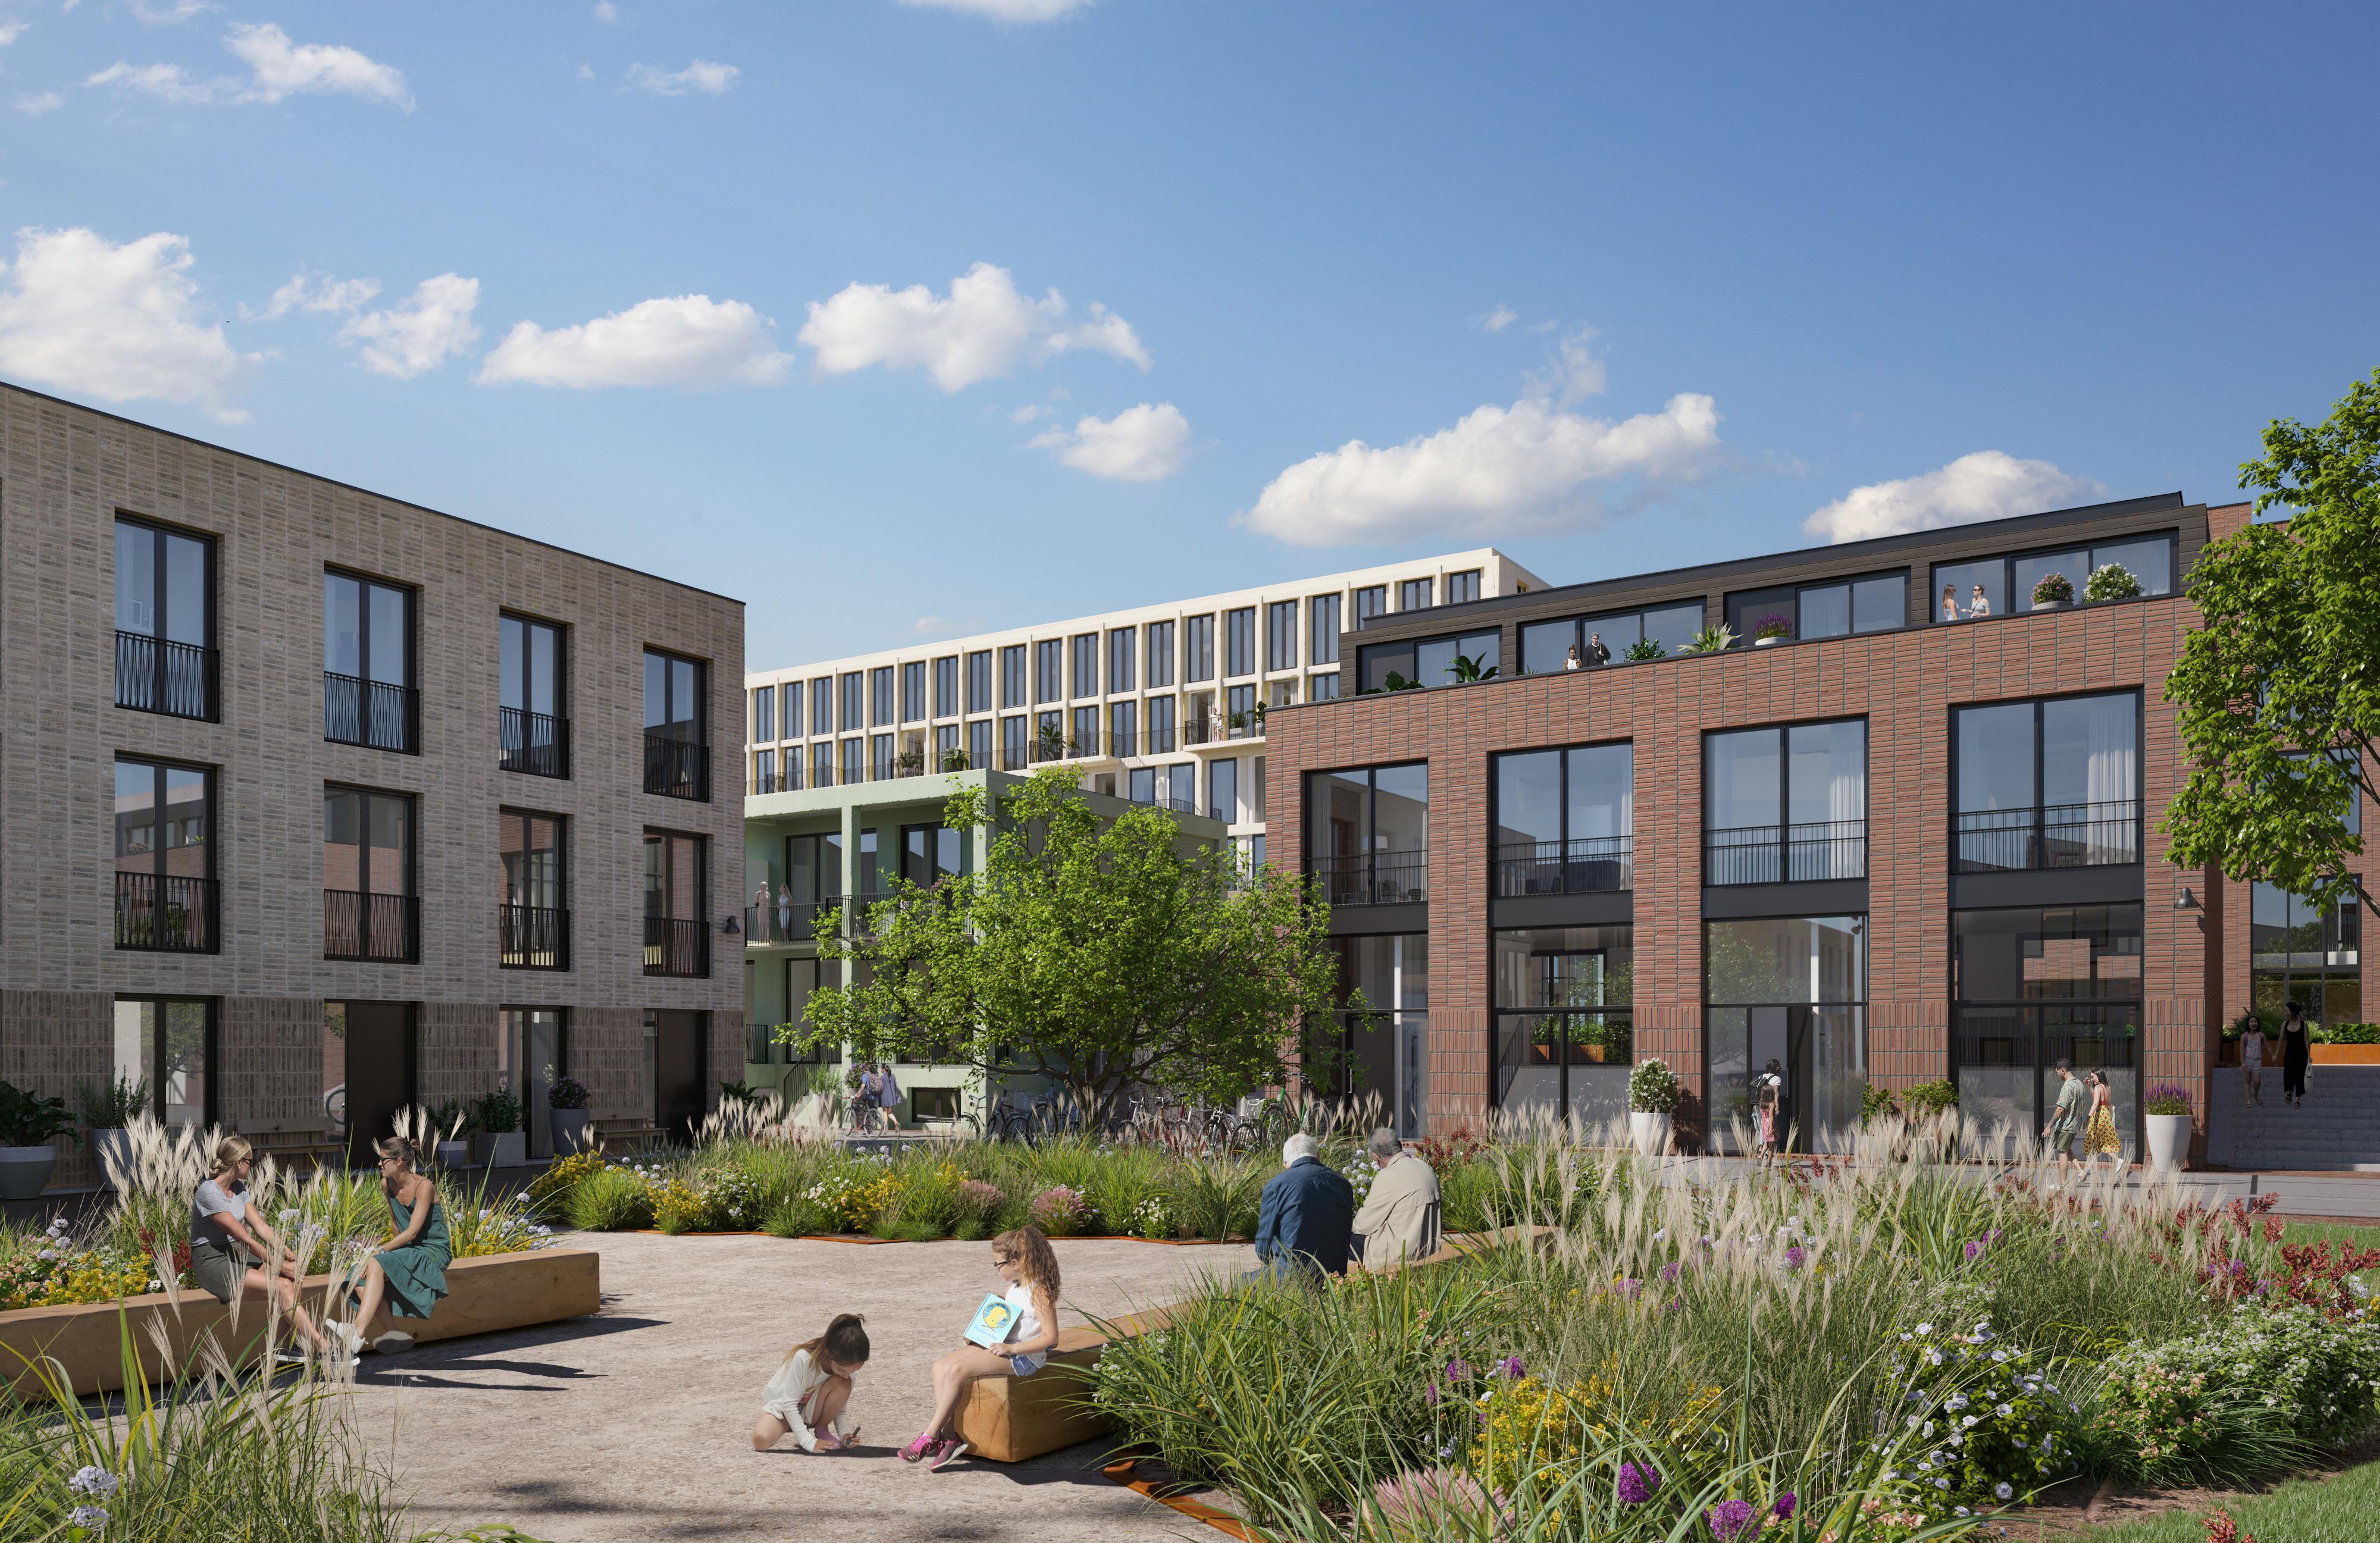 Verkoop nieuwe Hoornse wijk Holenkwartier start met 36 loftwoningen